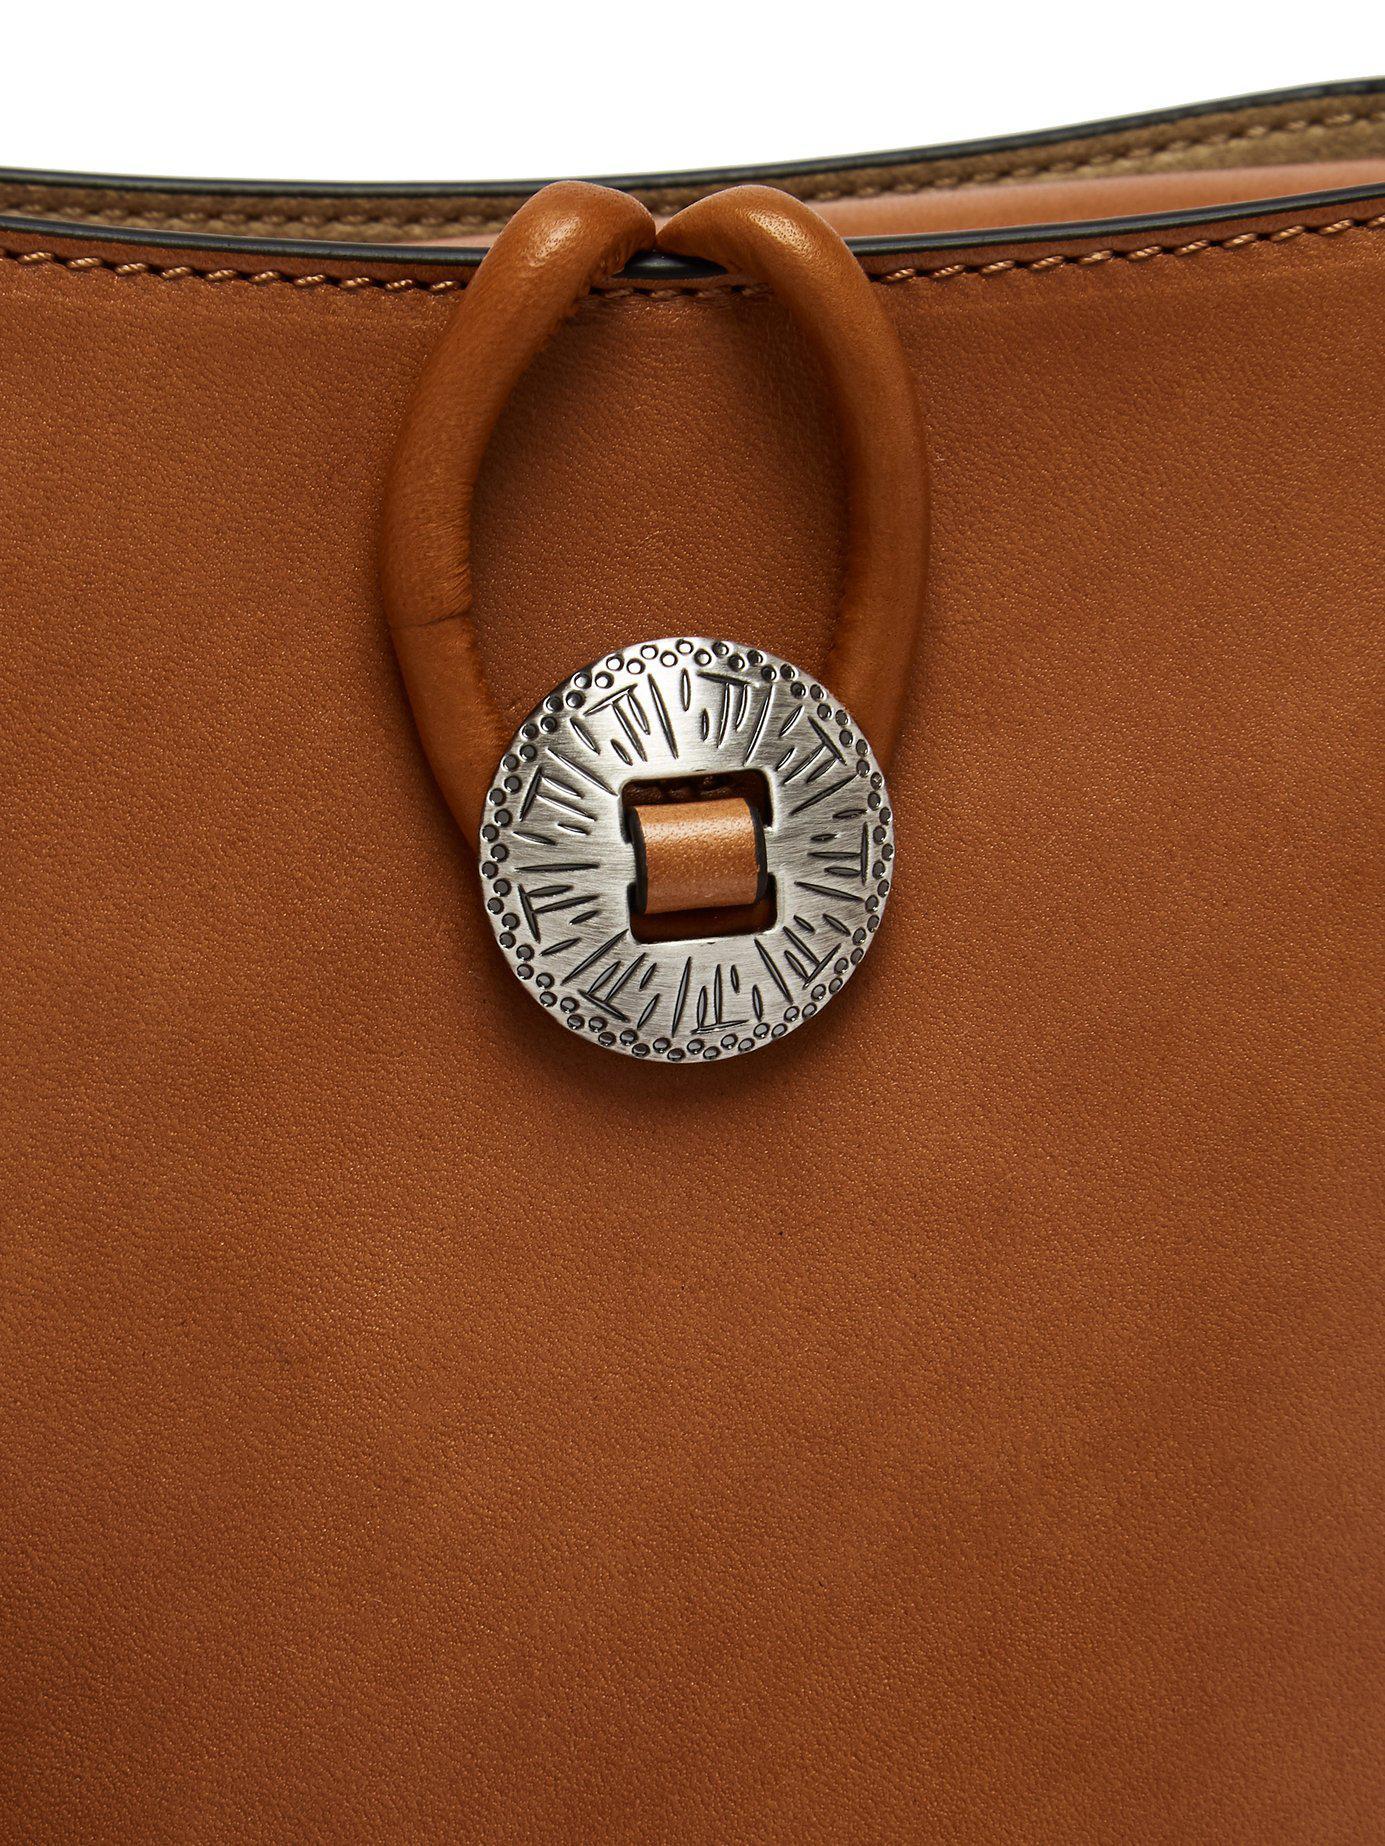 263842f1192 Isabel Marant Oskan Stud Embellished Leather Shoulder Bag in Brown ...